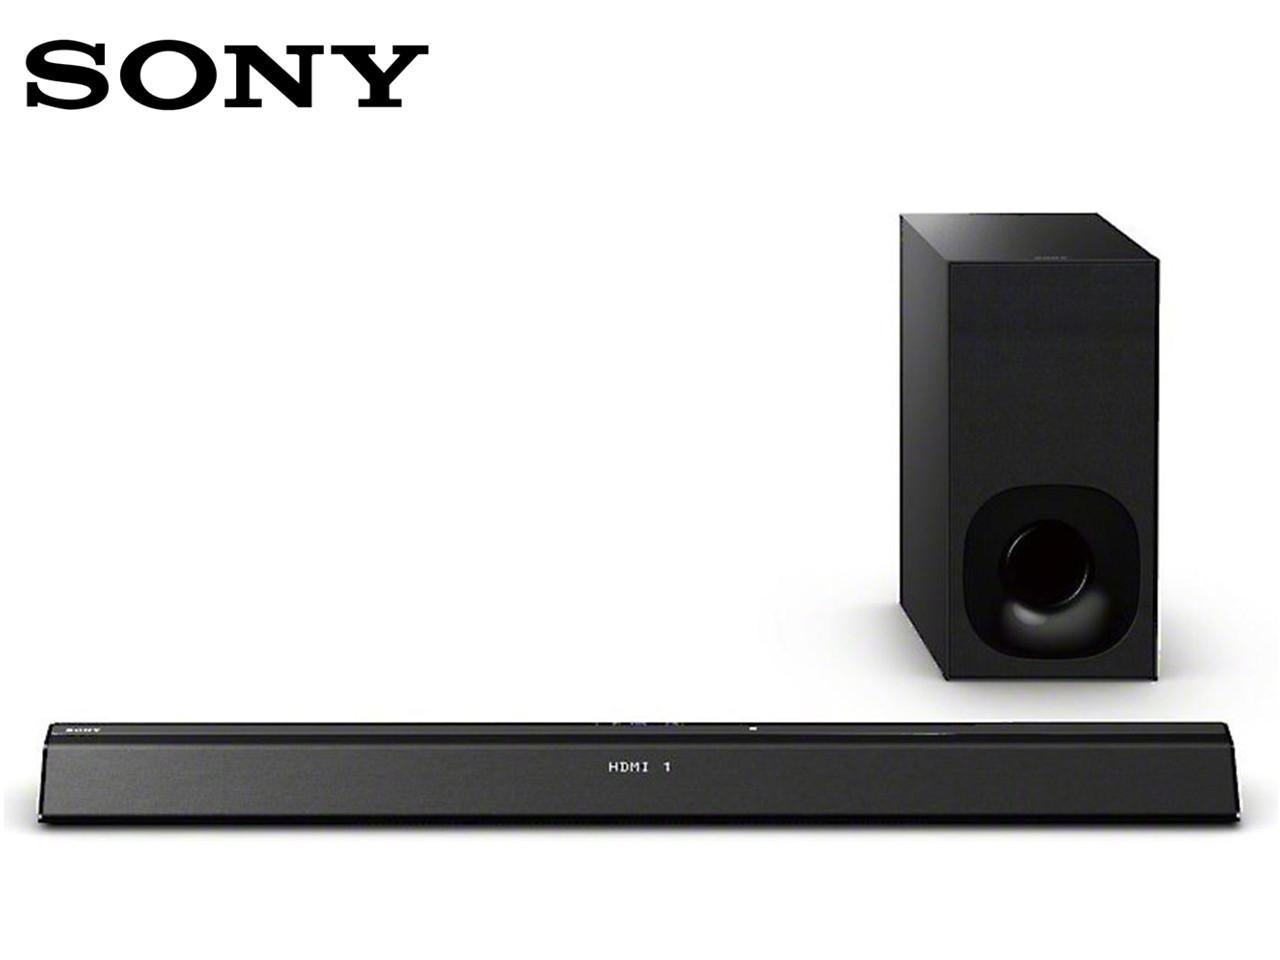 SONY HT-CT380 + 200 Kč na dárky nebo další nákup | CHAT on-line podpora PO-PÁ 8-22.00!!